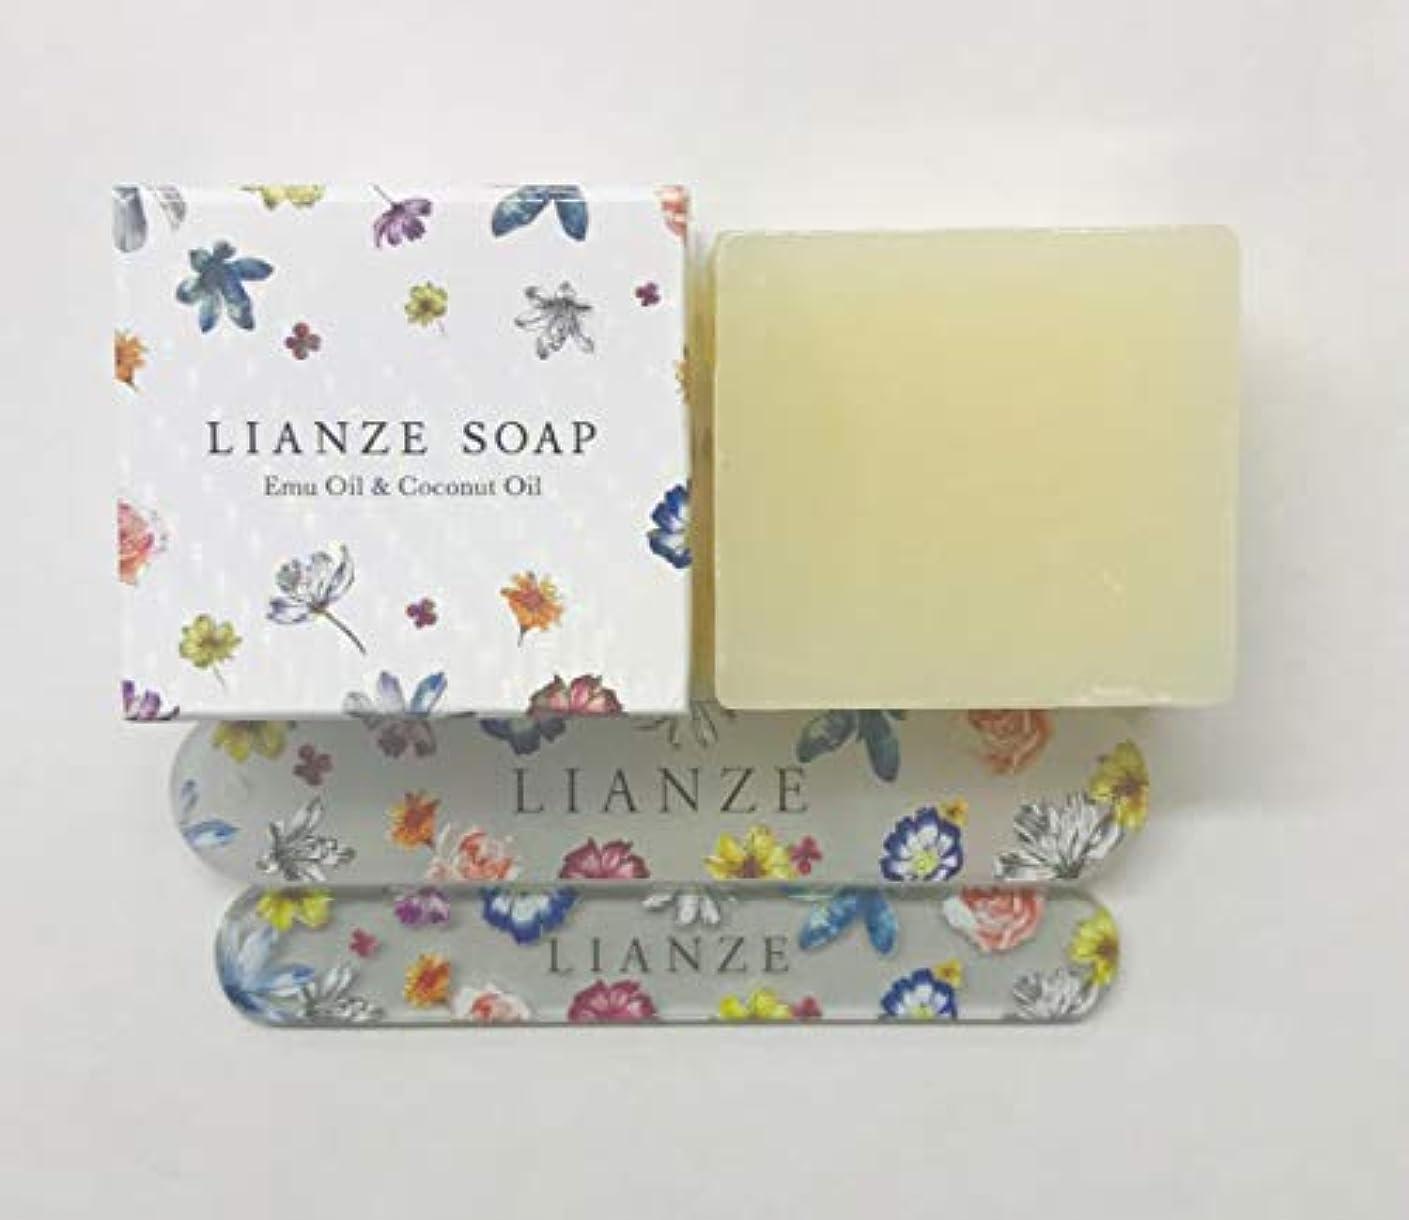 ドラッグ競合他社選手エラーギフト プレゼント [ LIANZE ギフトセット ] 洗顔 石鹸 爪磨き